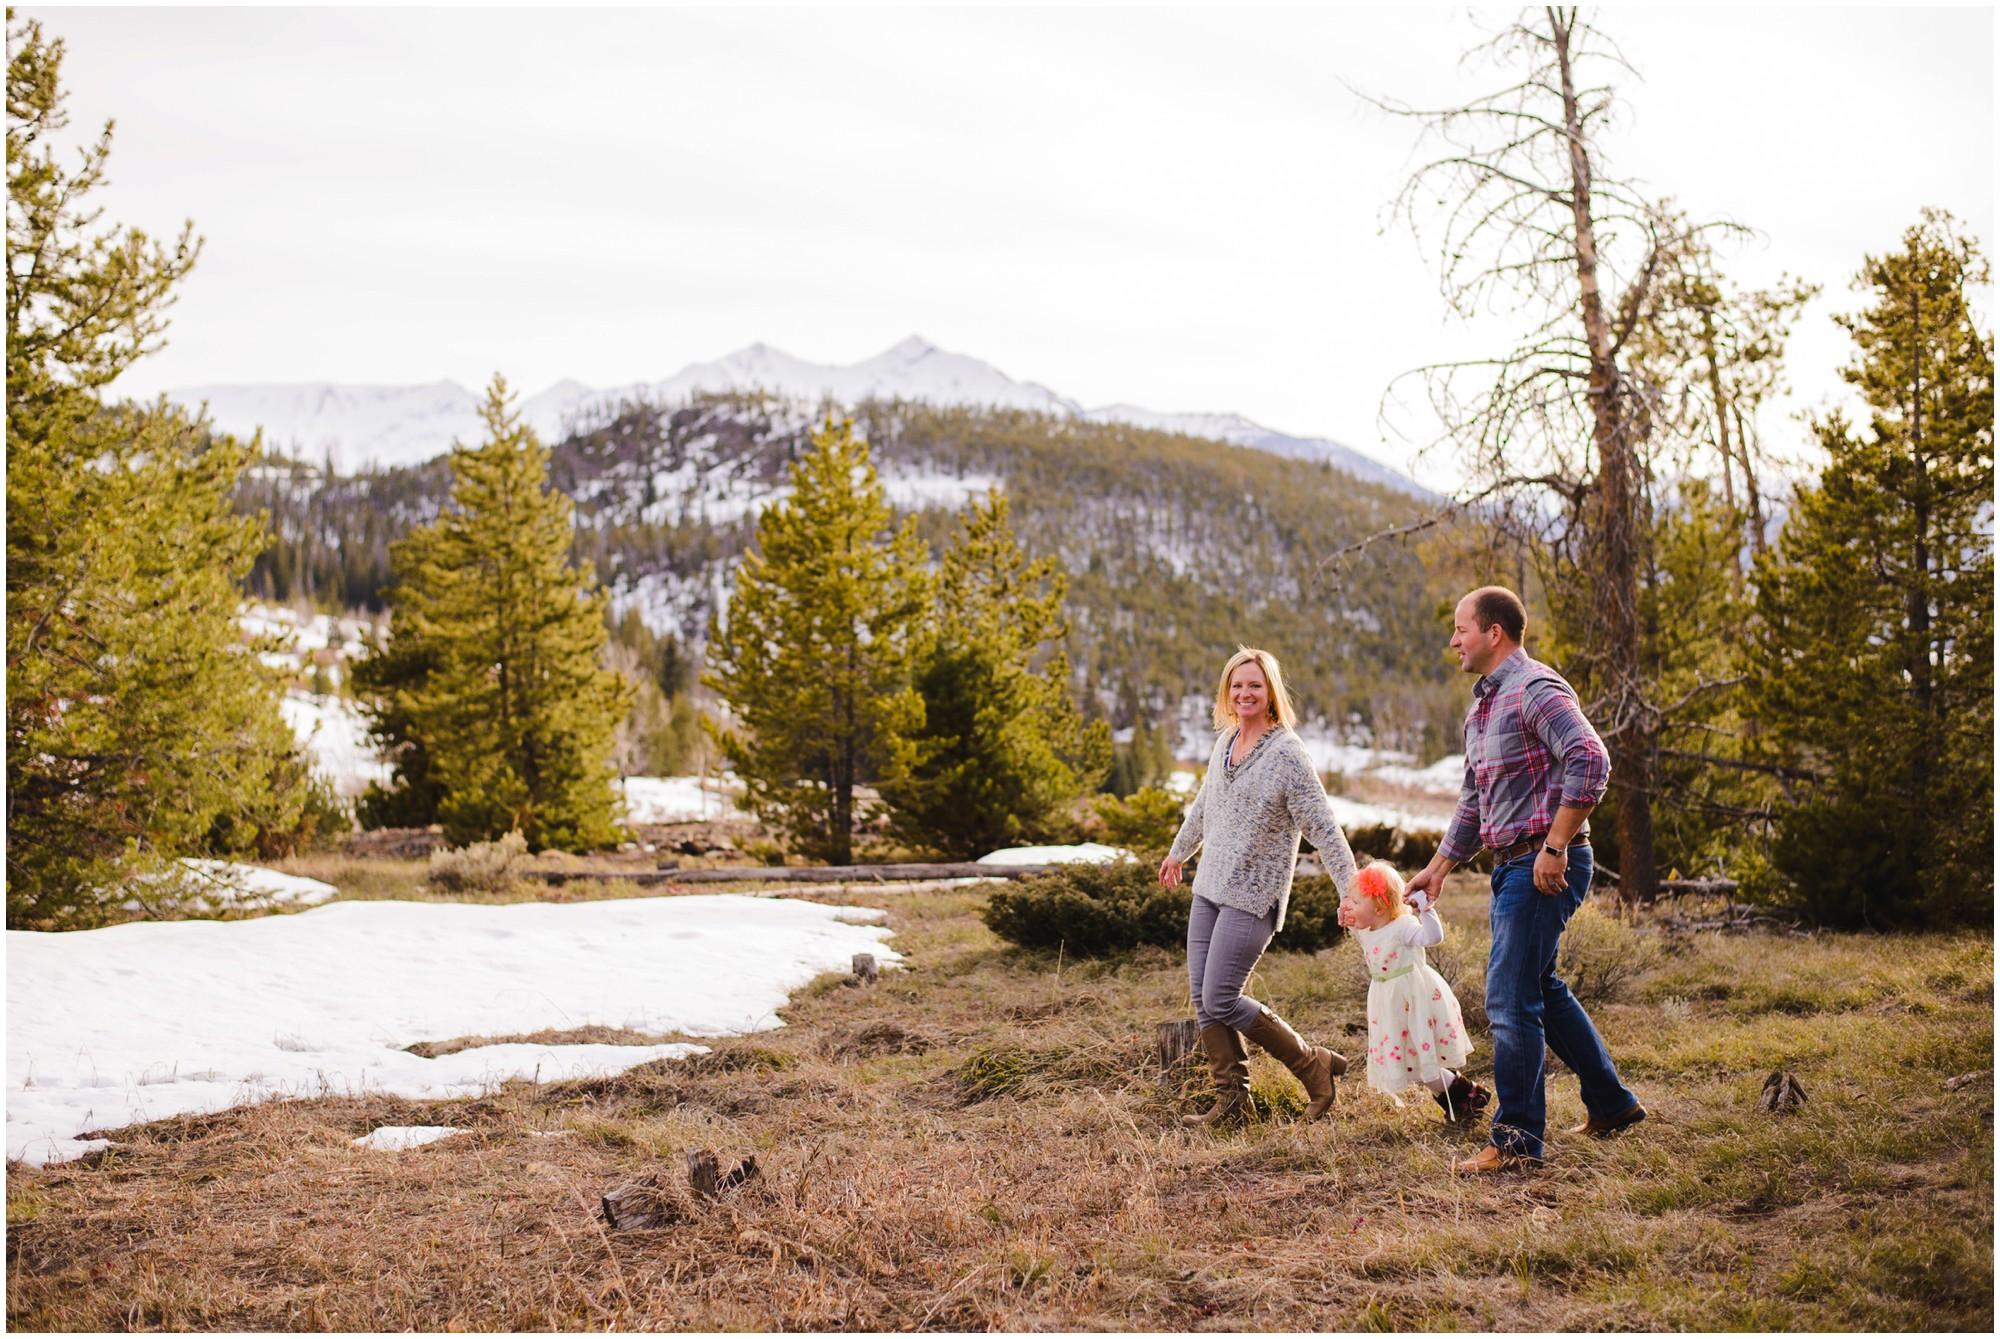 Breckenridge Winter family photo